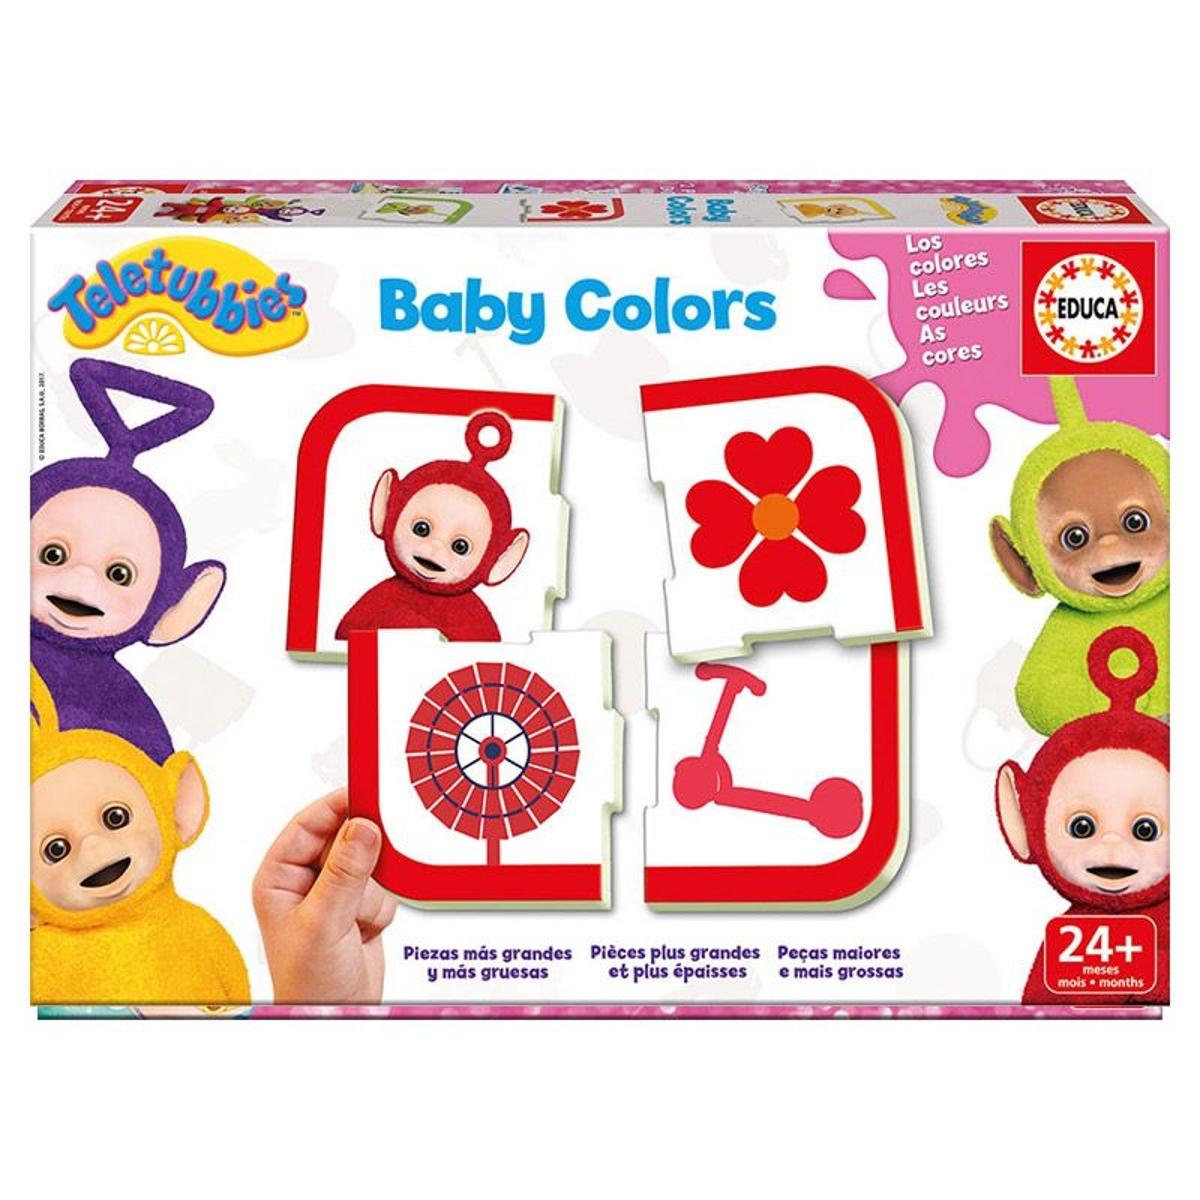 Apprendre les couleurs : Baby Colors Teletubbies